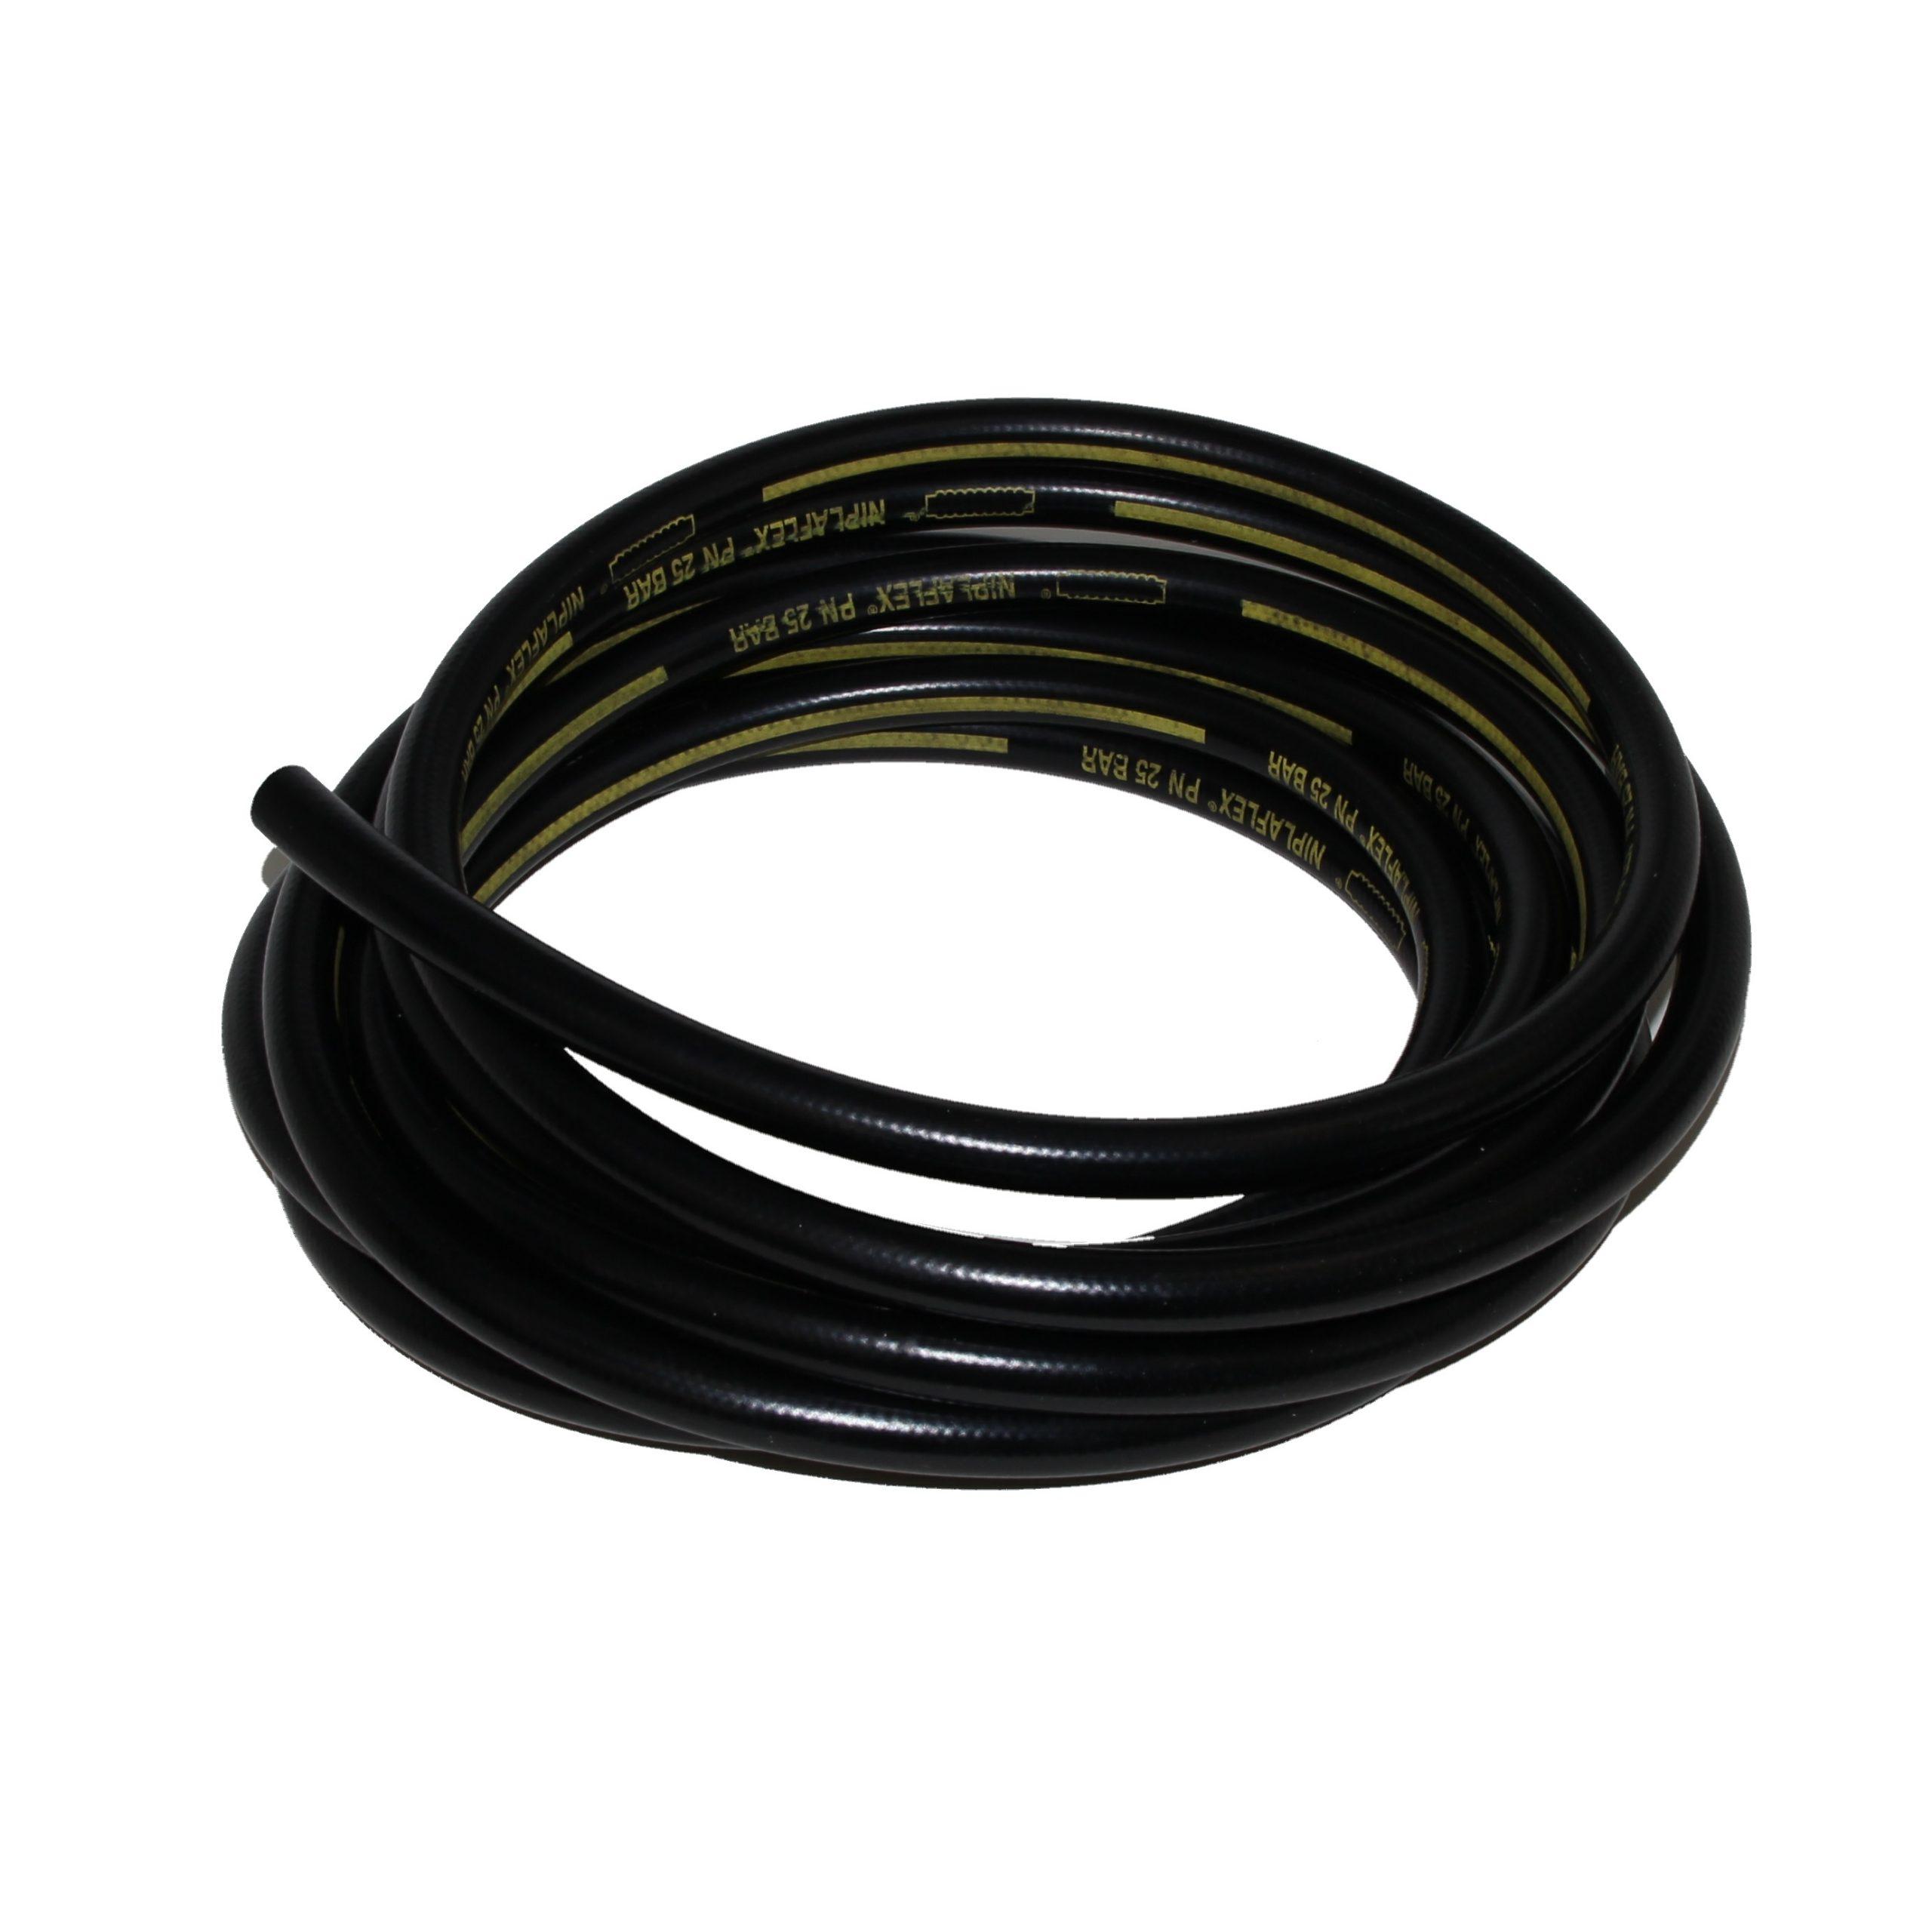 Шланг высокого давления наружный для уст. VC200-VC600, 40100010